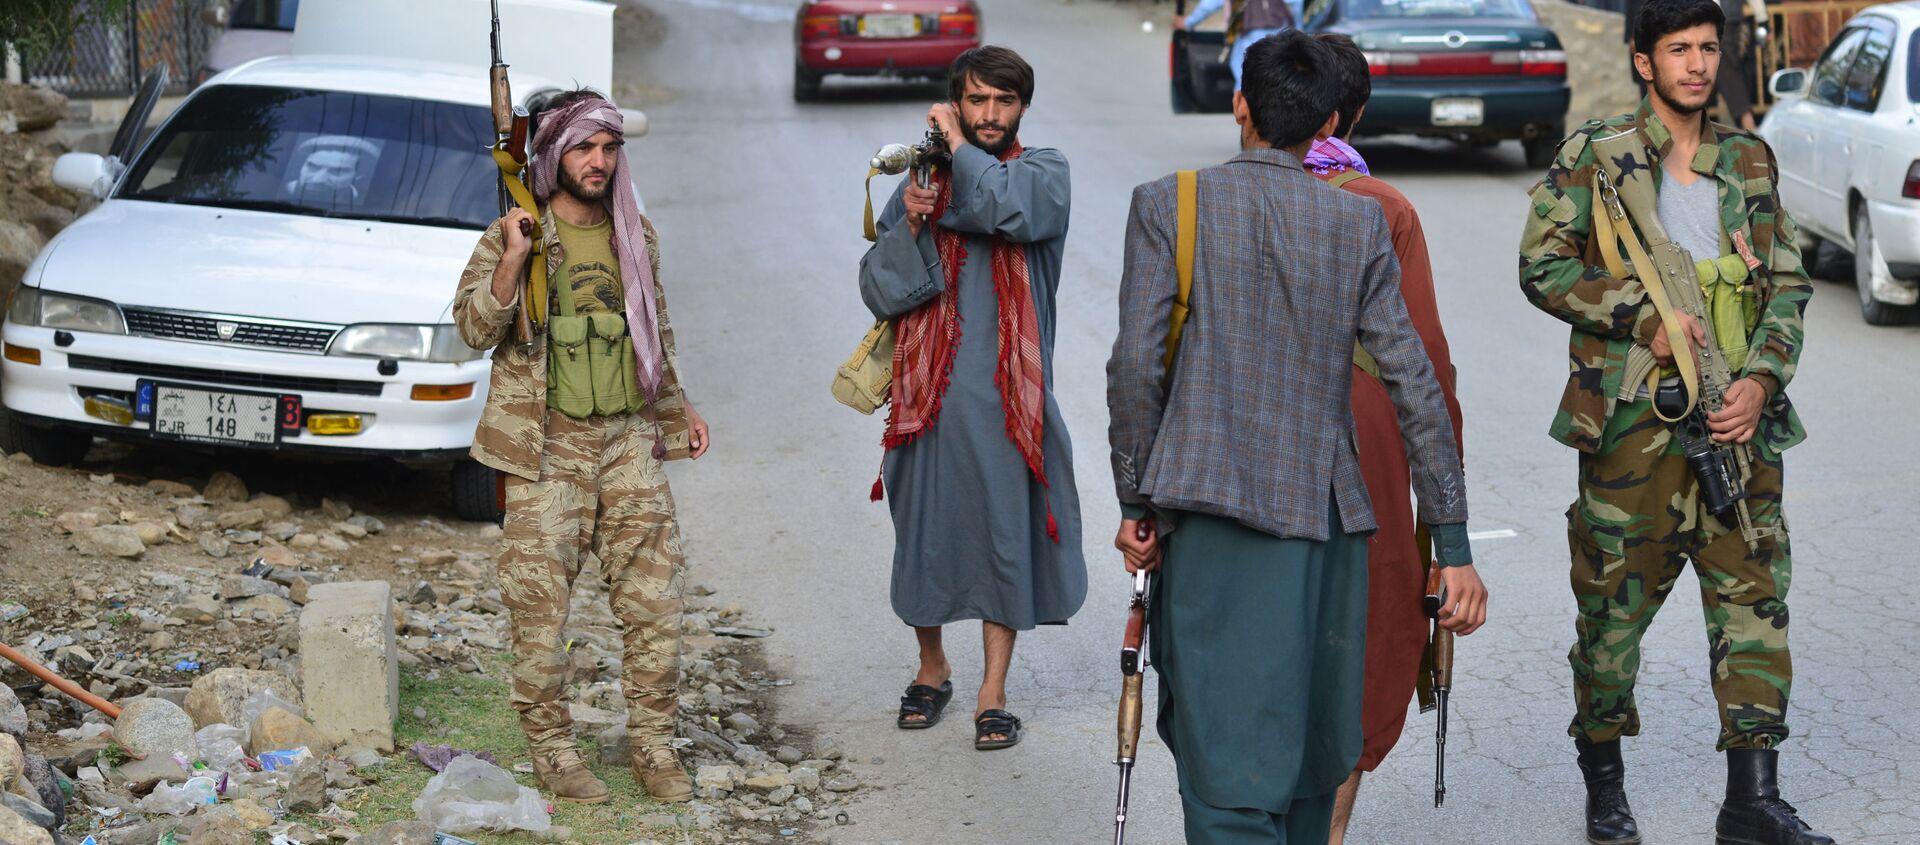 Những người có vũ trang chống lại Taliban * ở tỉnh Panjshir - Sputnik Việt Nam, 1920, 24.08.2021